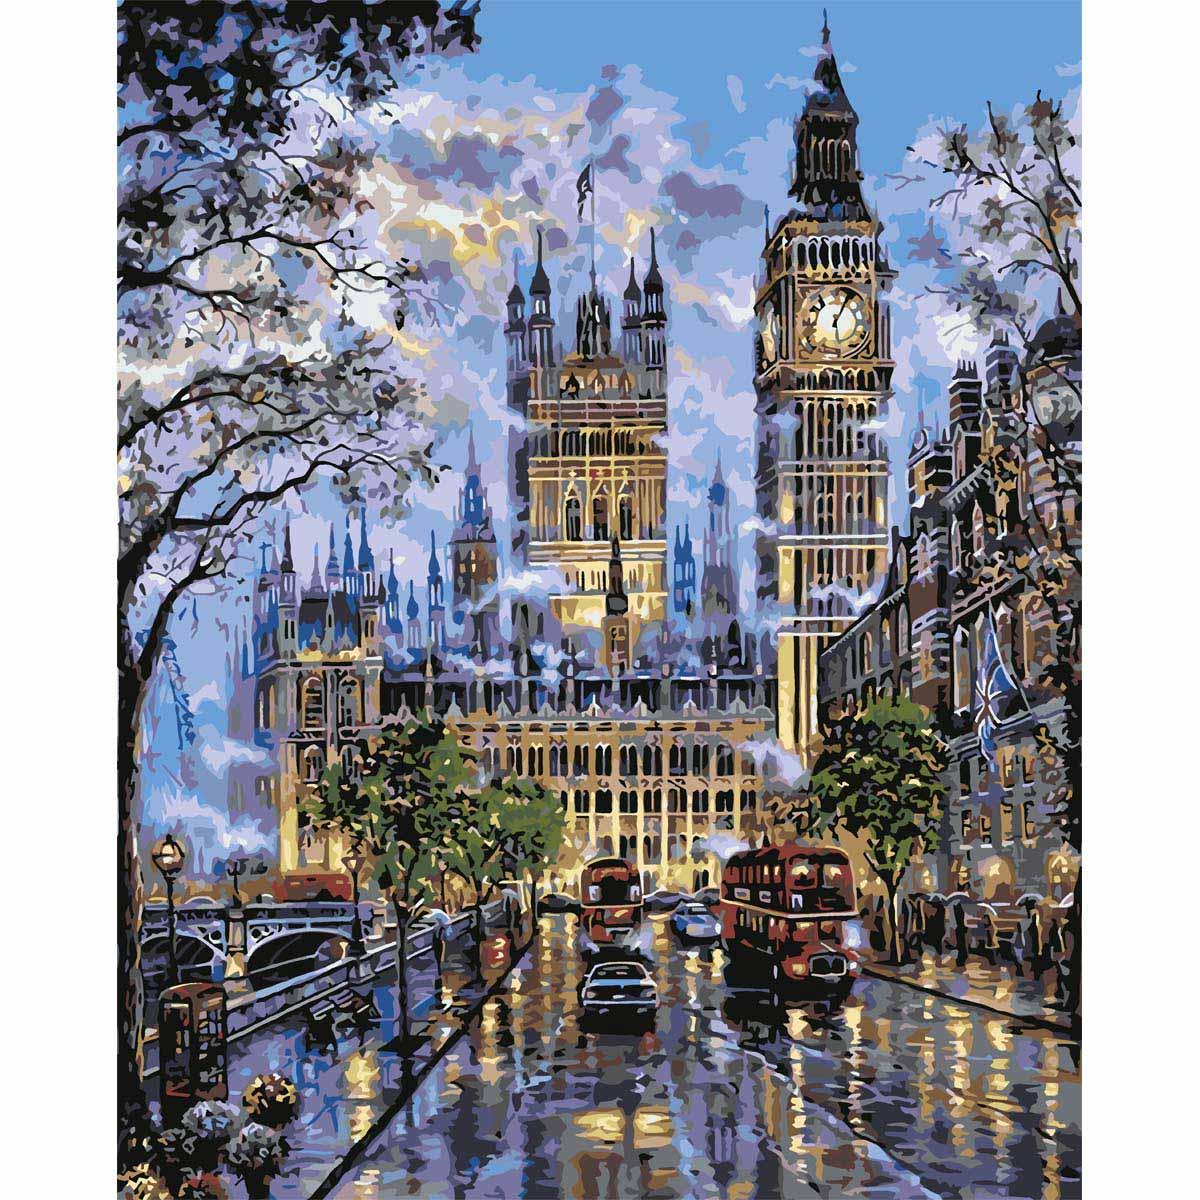 HS0070 Набор для рисования по номерам 'Прогулка в Лондоне' 40*50см